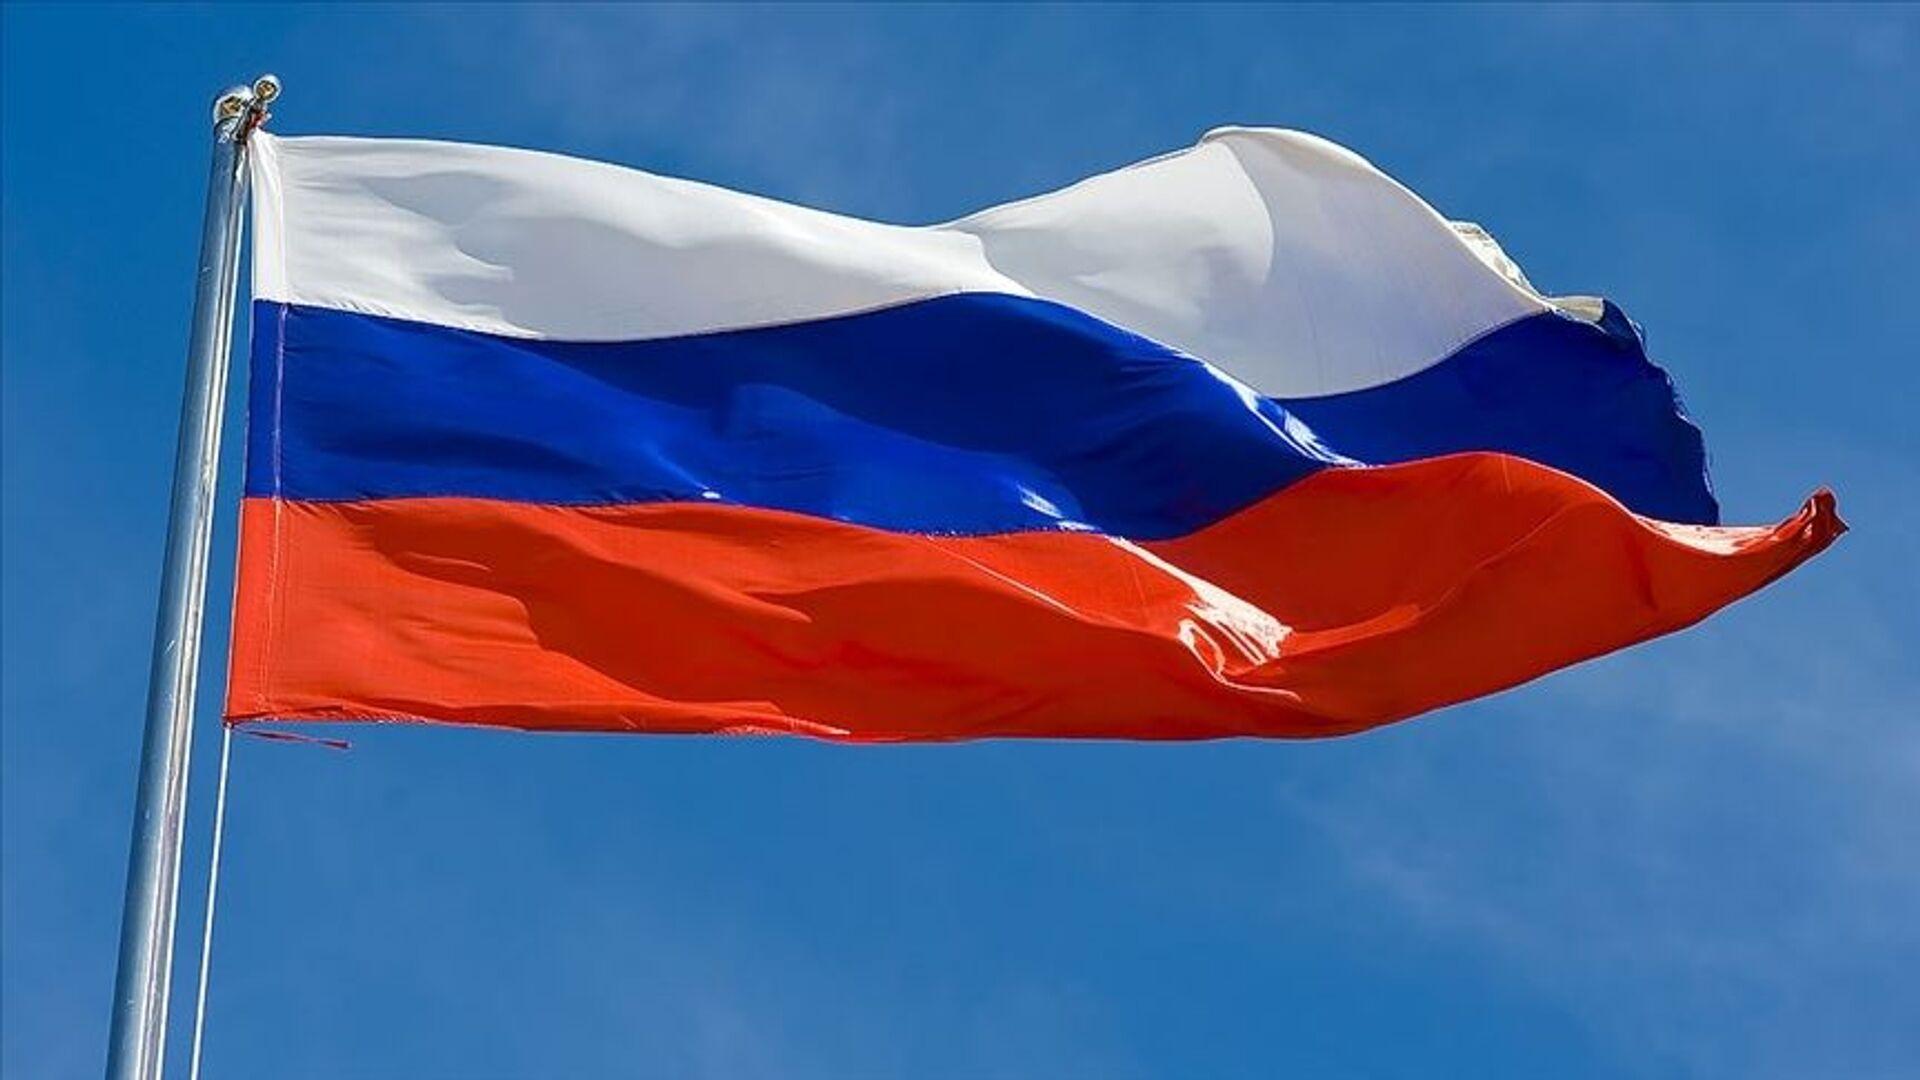 Rusya bayrağı - Sputnik Türkiye, 1920, 18.08.2021